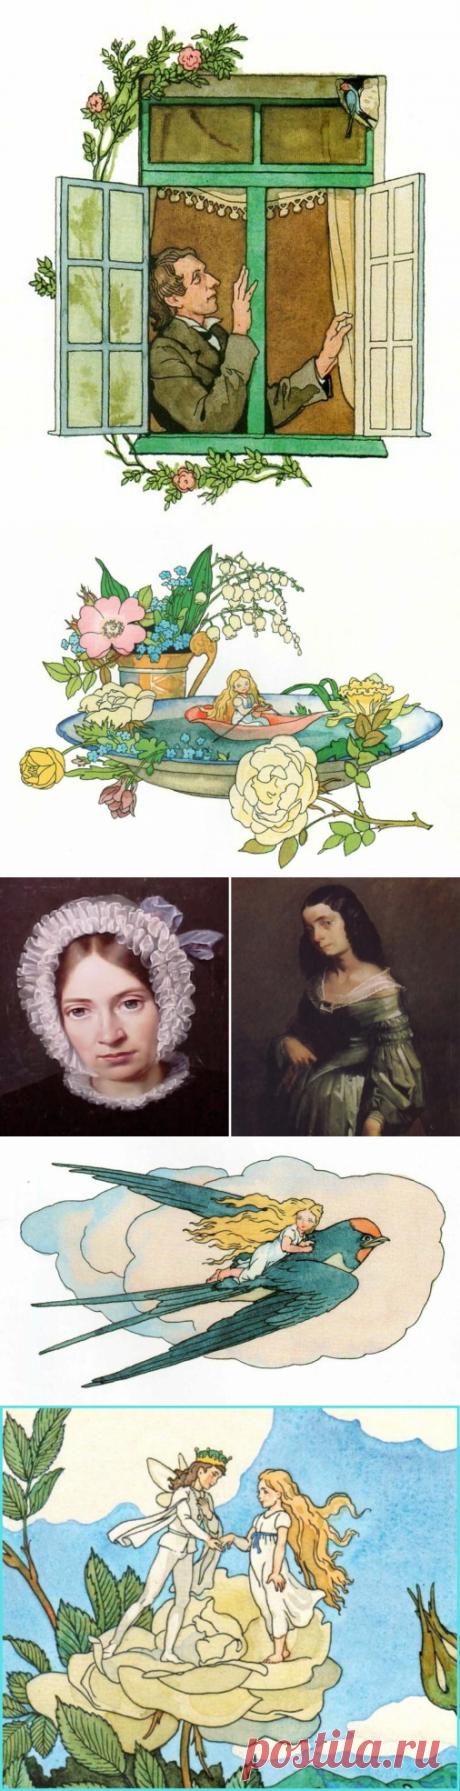 Горбатая девочка стала прототипом Дюймовочки. Почему Ганс Христиан Андерсен не женился на Генриетте Вульф | Истории о людях | Яндекс Дзен